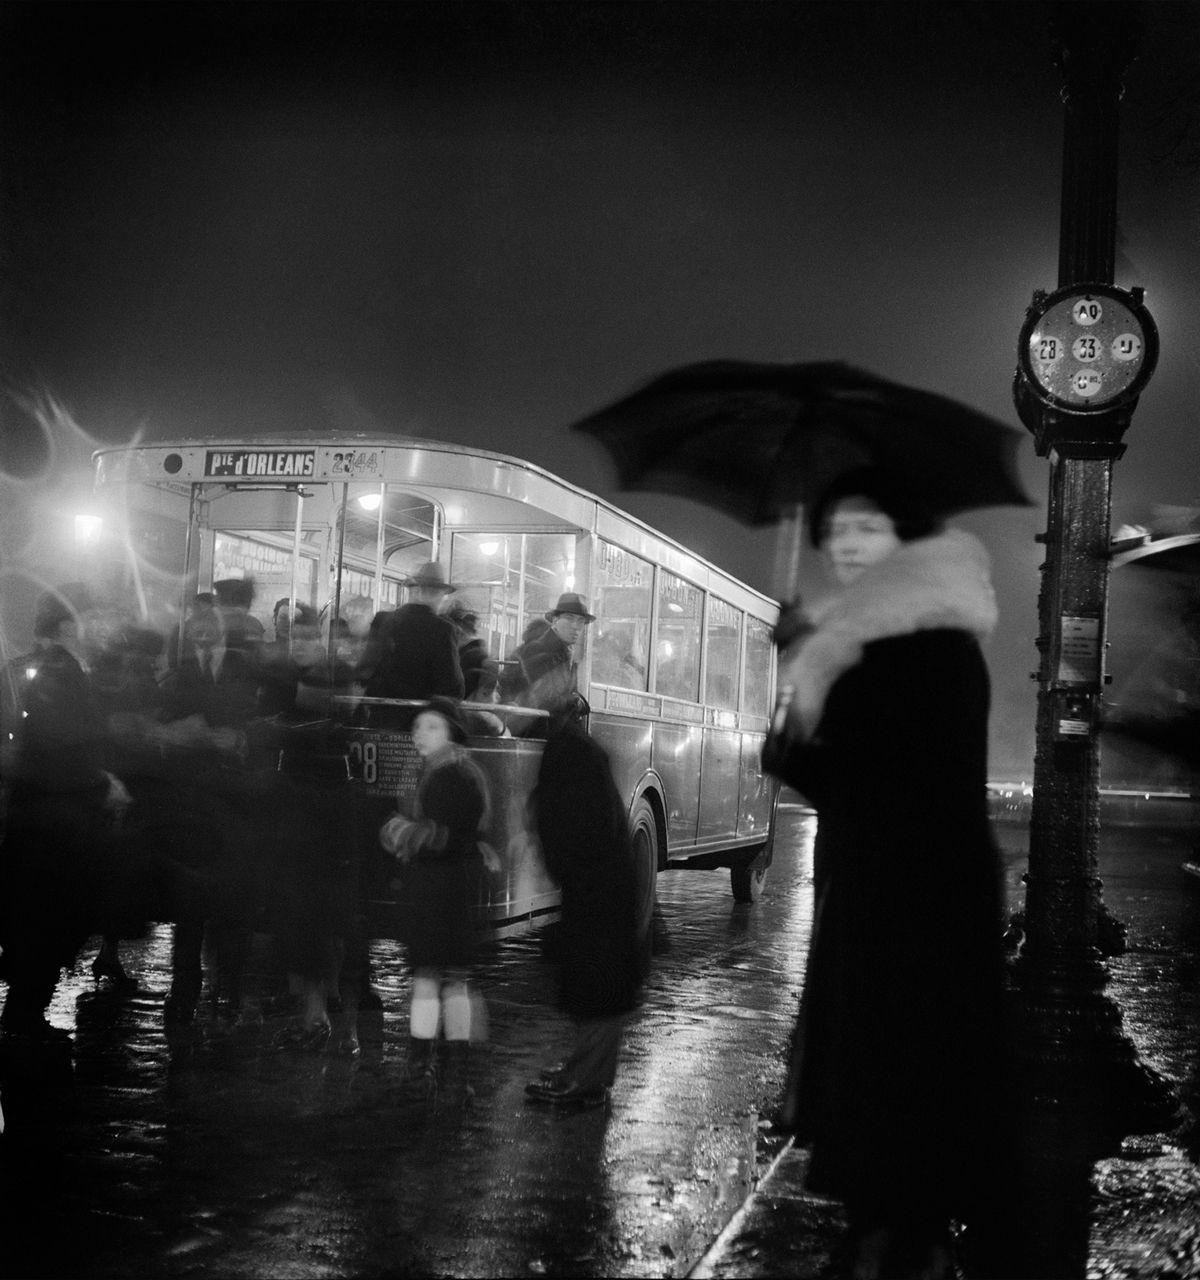 """Résultat de recherche d'images pour """"autobus parisien sous la pluie"""""""